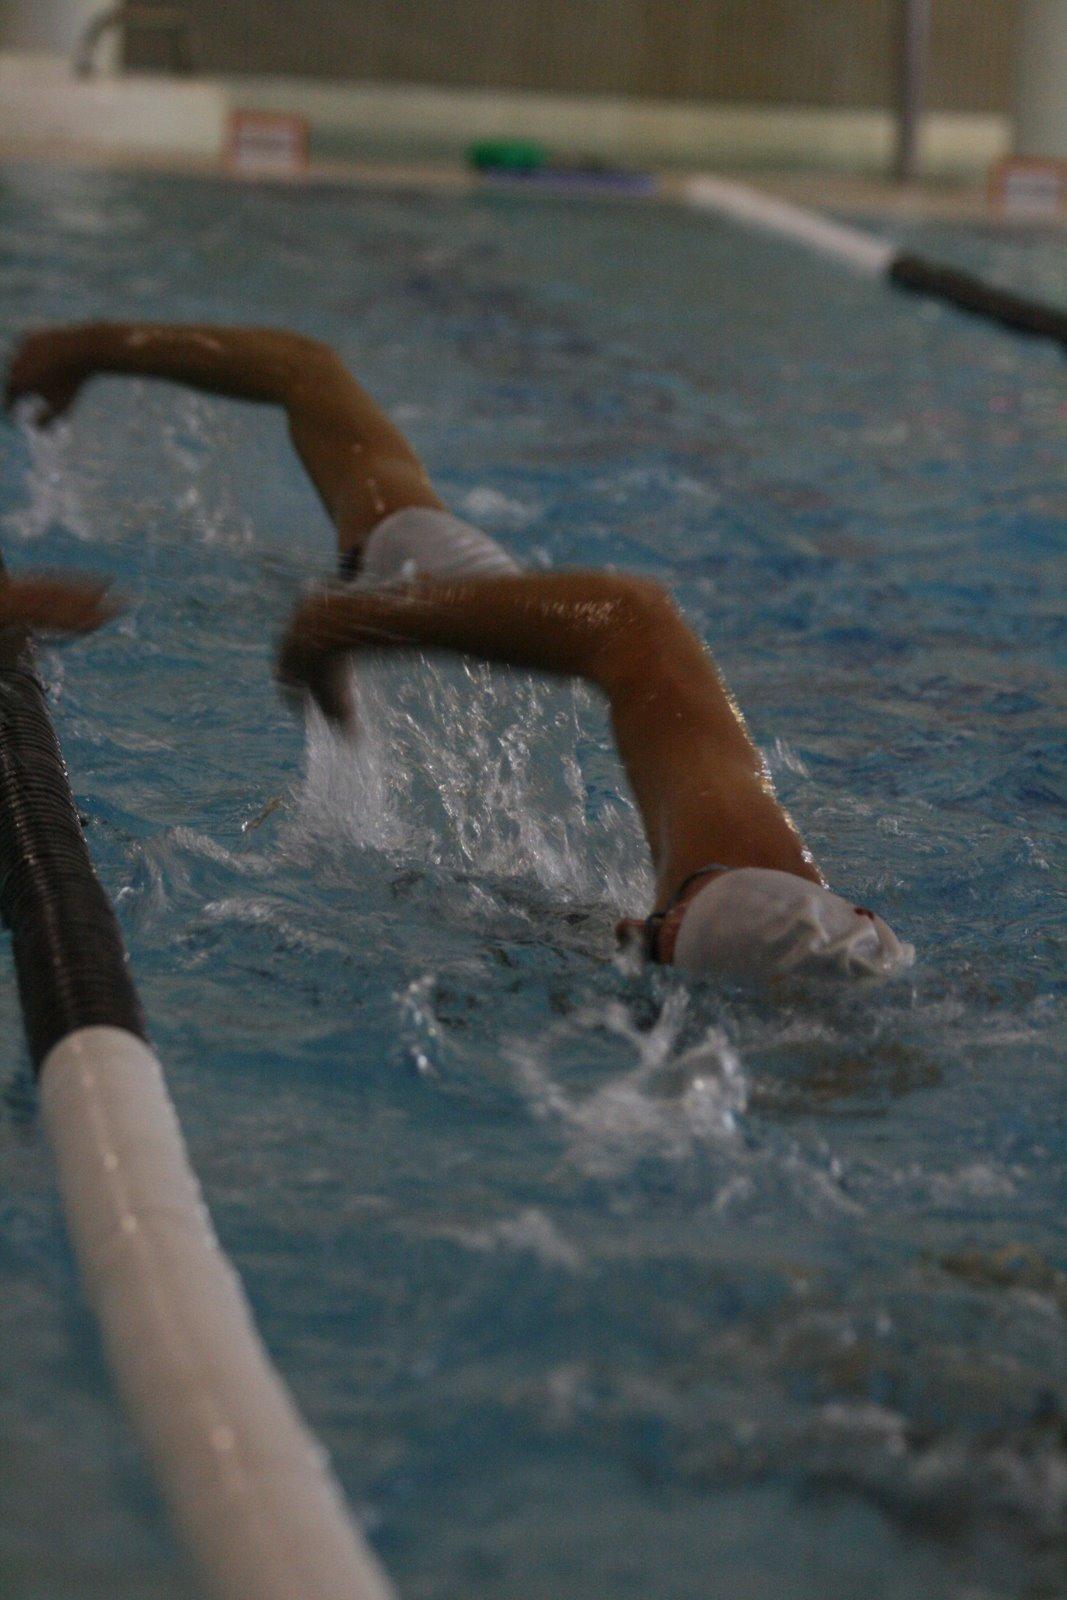 La piscina de Alcorcón vió a dos campeones junior de Torrejón en la tarde de ayer